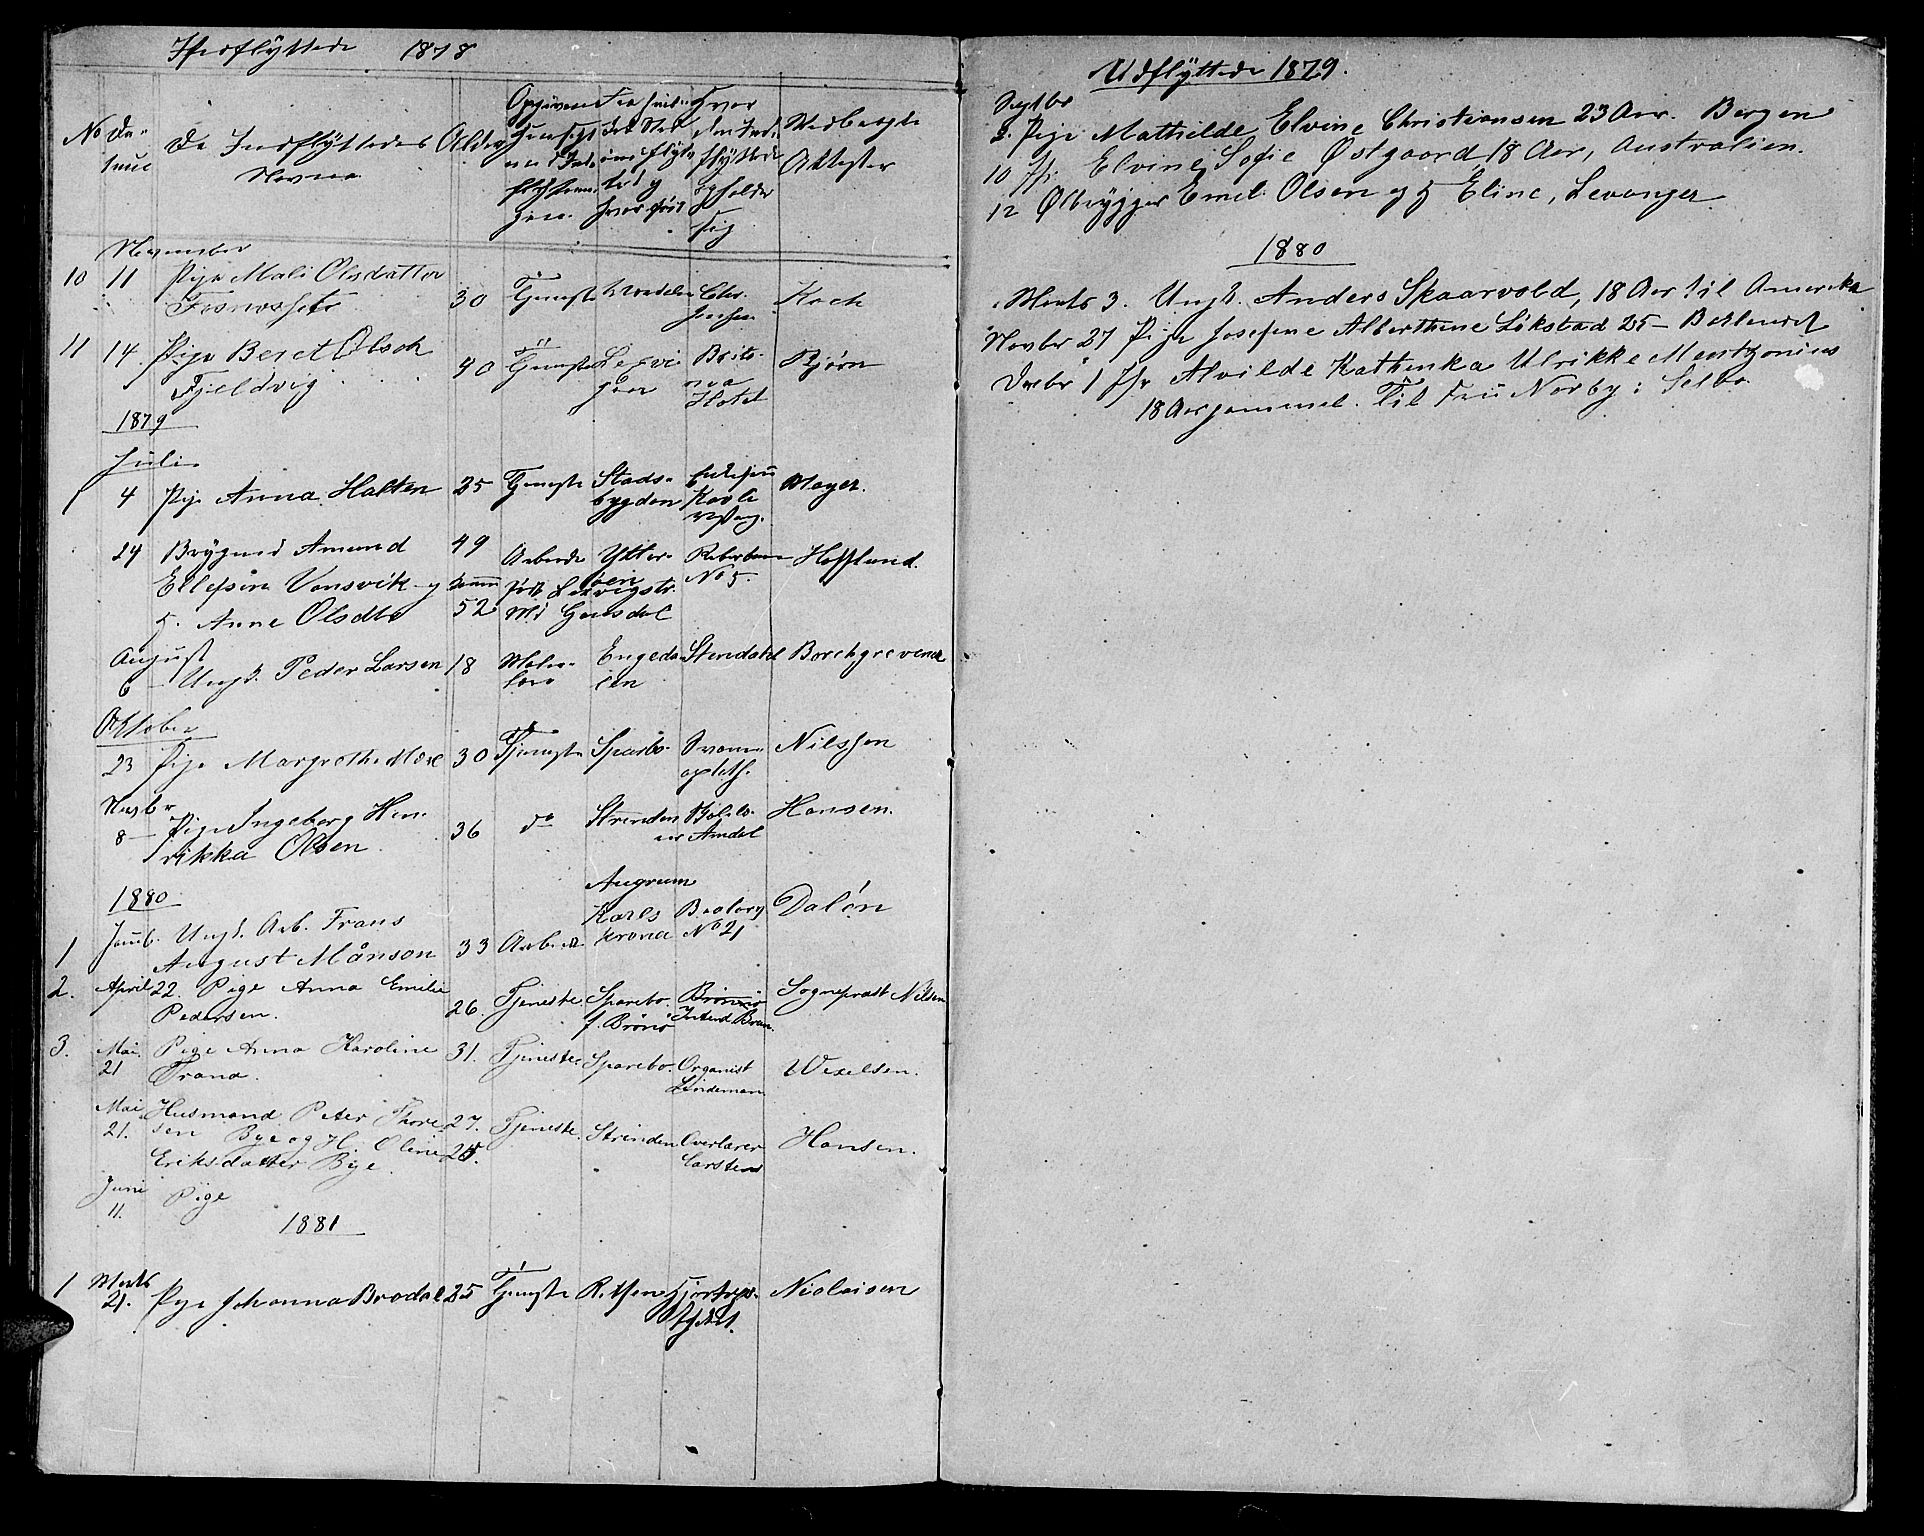 SAT, Ministerialprotokoller, klokkerbøker og fødselsregistre - Sør-Trøndelag, 601/L0086: Klokkerbok nr. 601C04, 1846-1881